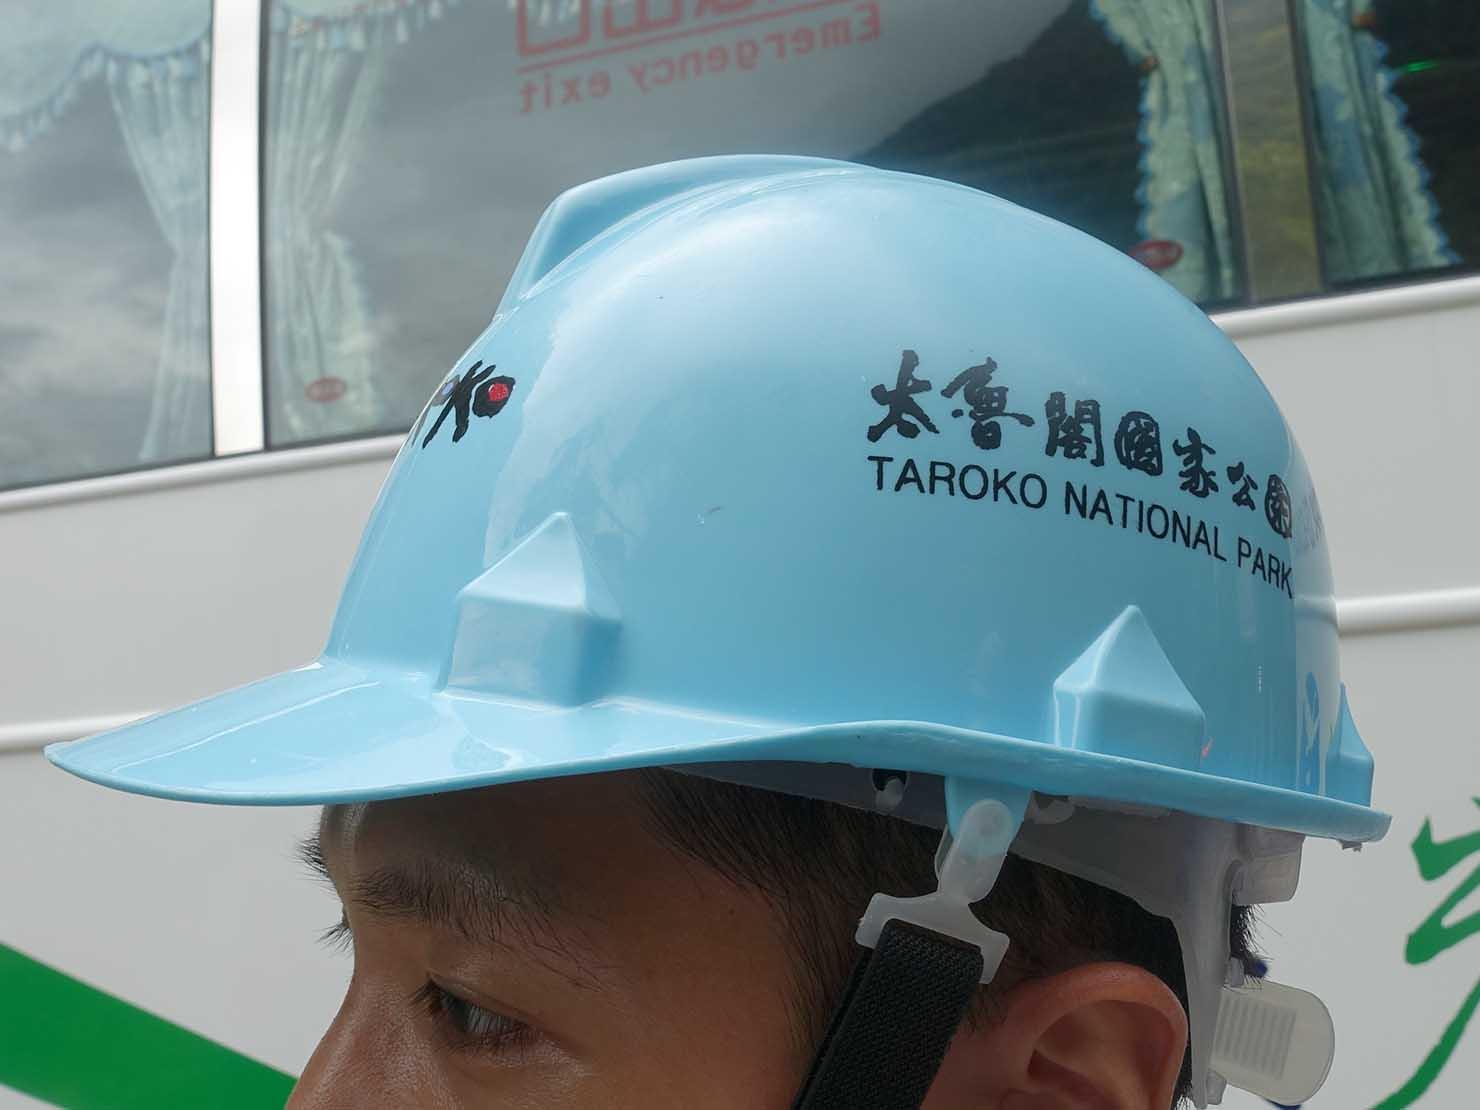 KKday外国人限定「花蓮・太魯閣(タロコ)日帰りツアー」燕子口観光前に配られたヘルメット